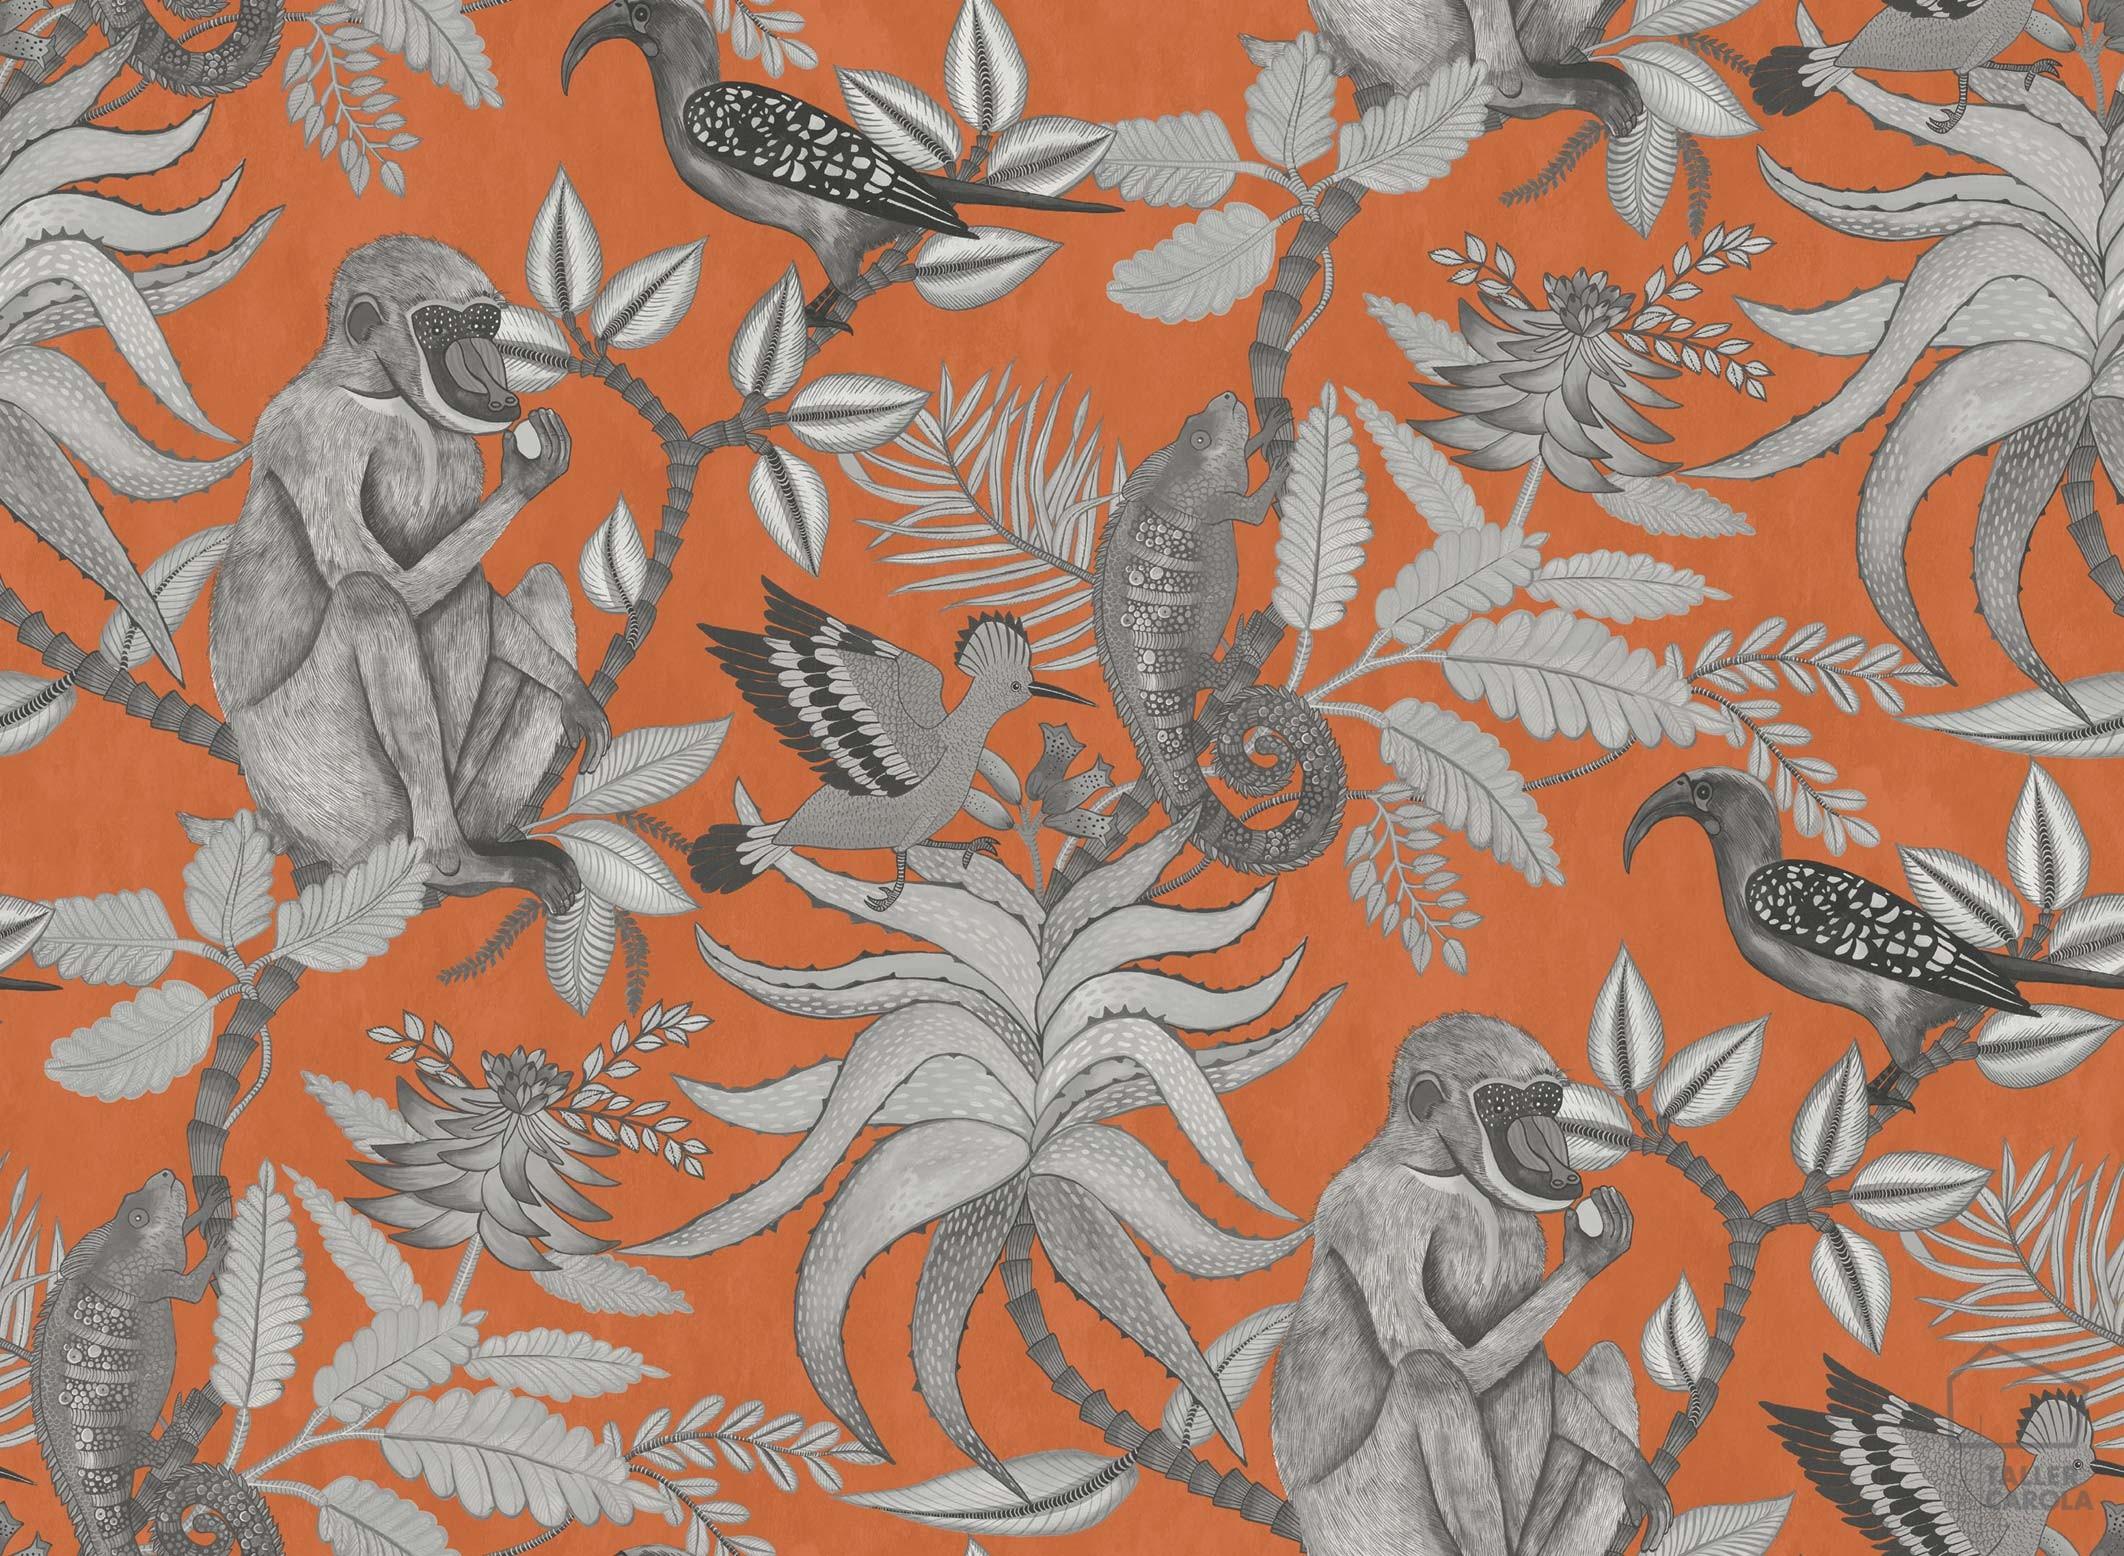 083sav109-1001-papel-pintado-monos-vegetal-naranja